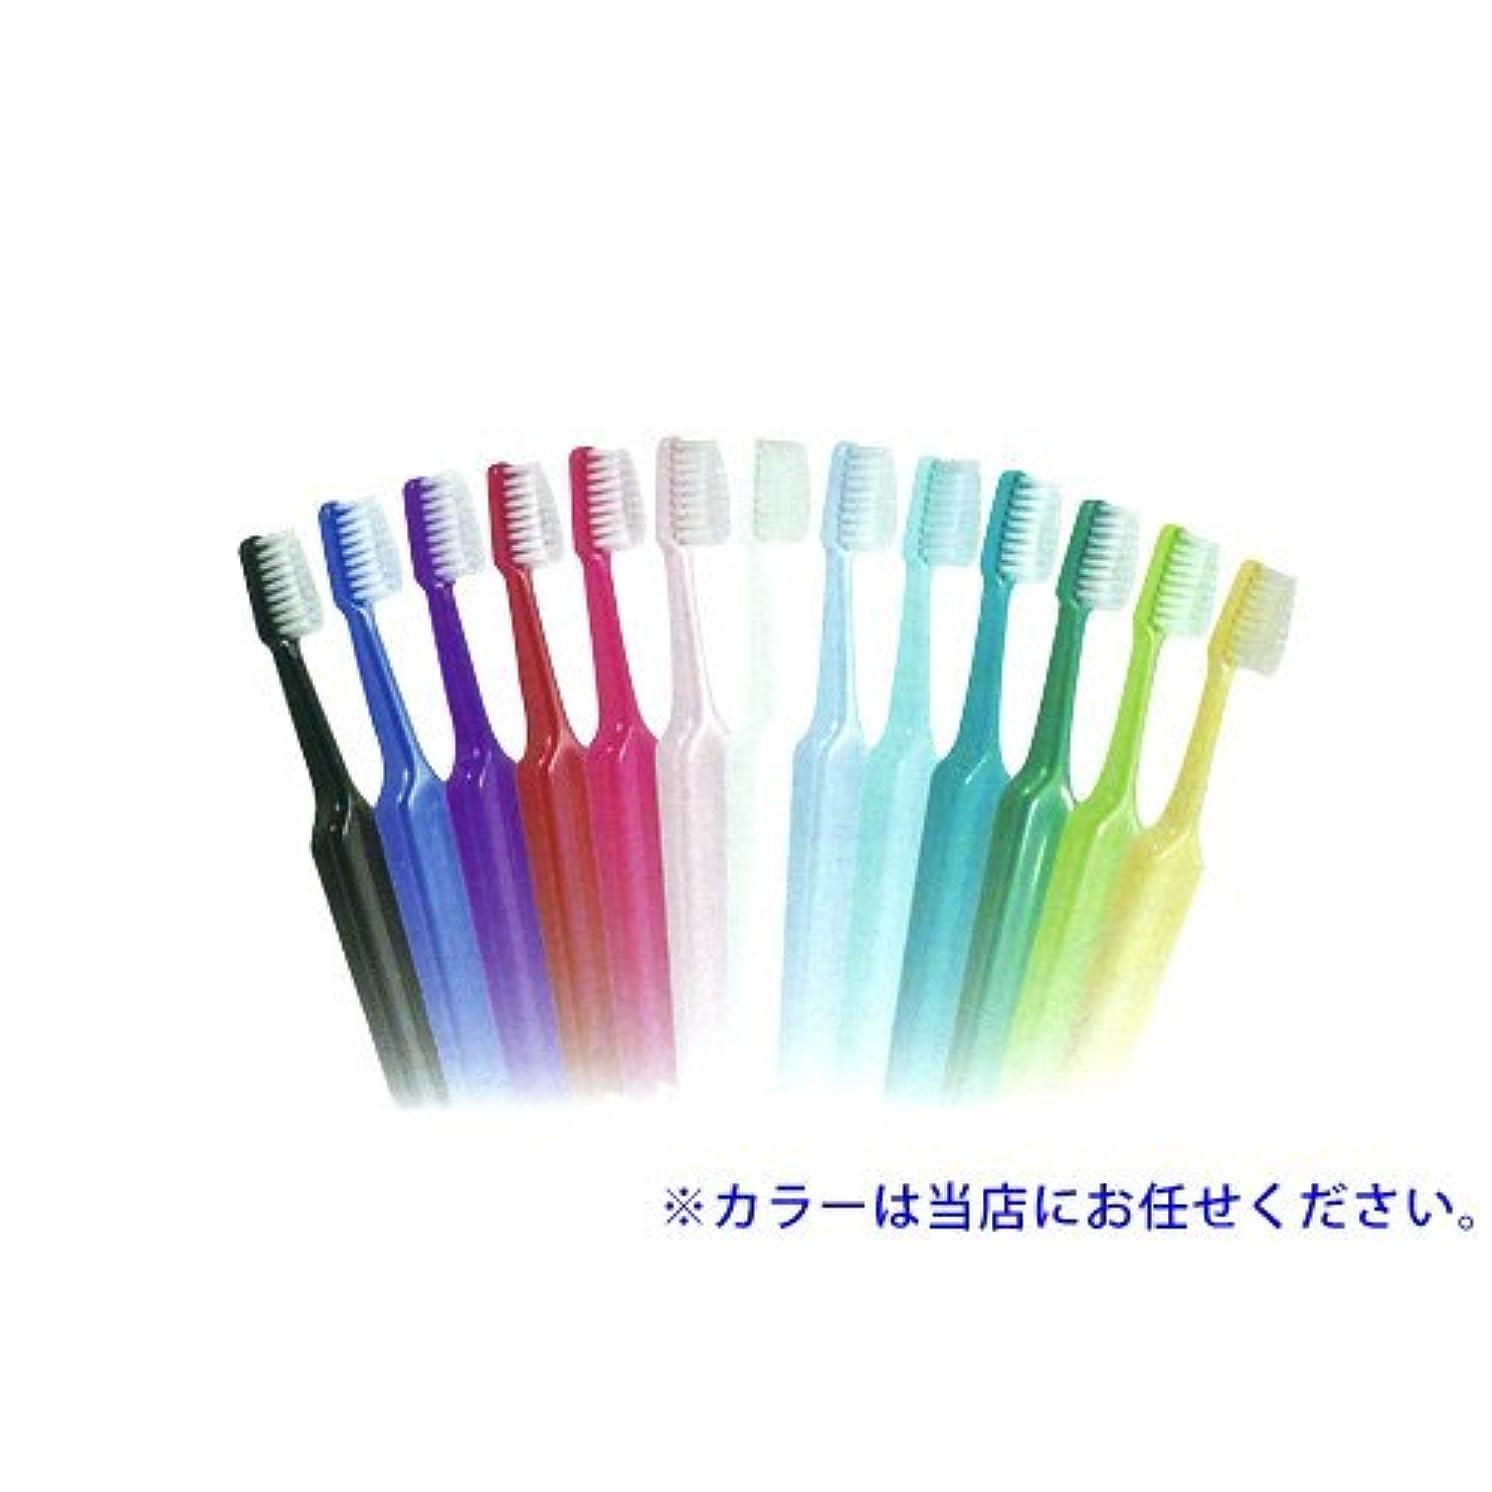 計画的後悔宴会クロスフィールド TePe テペ セレクトコンパクト 歯ブラシ 1本 コンパクト エクストラソフト